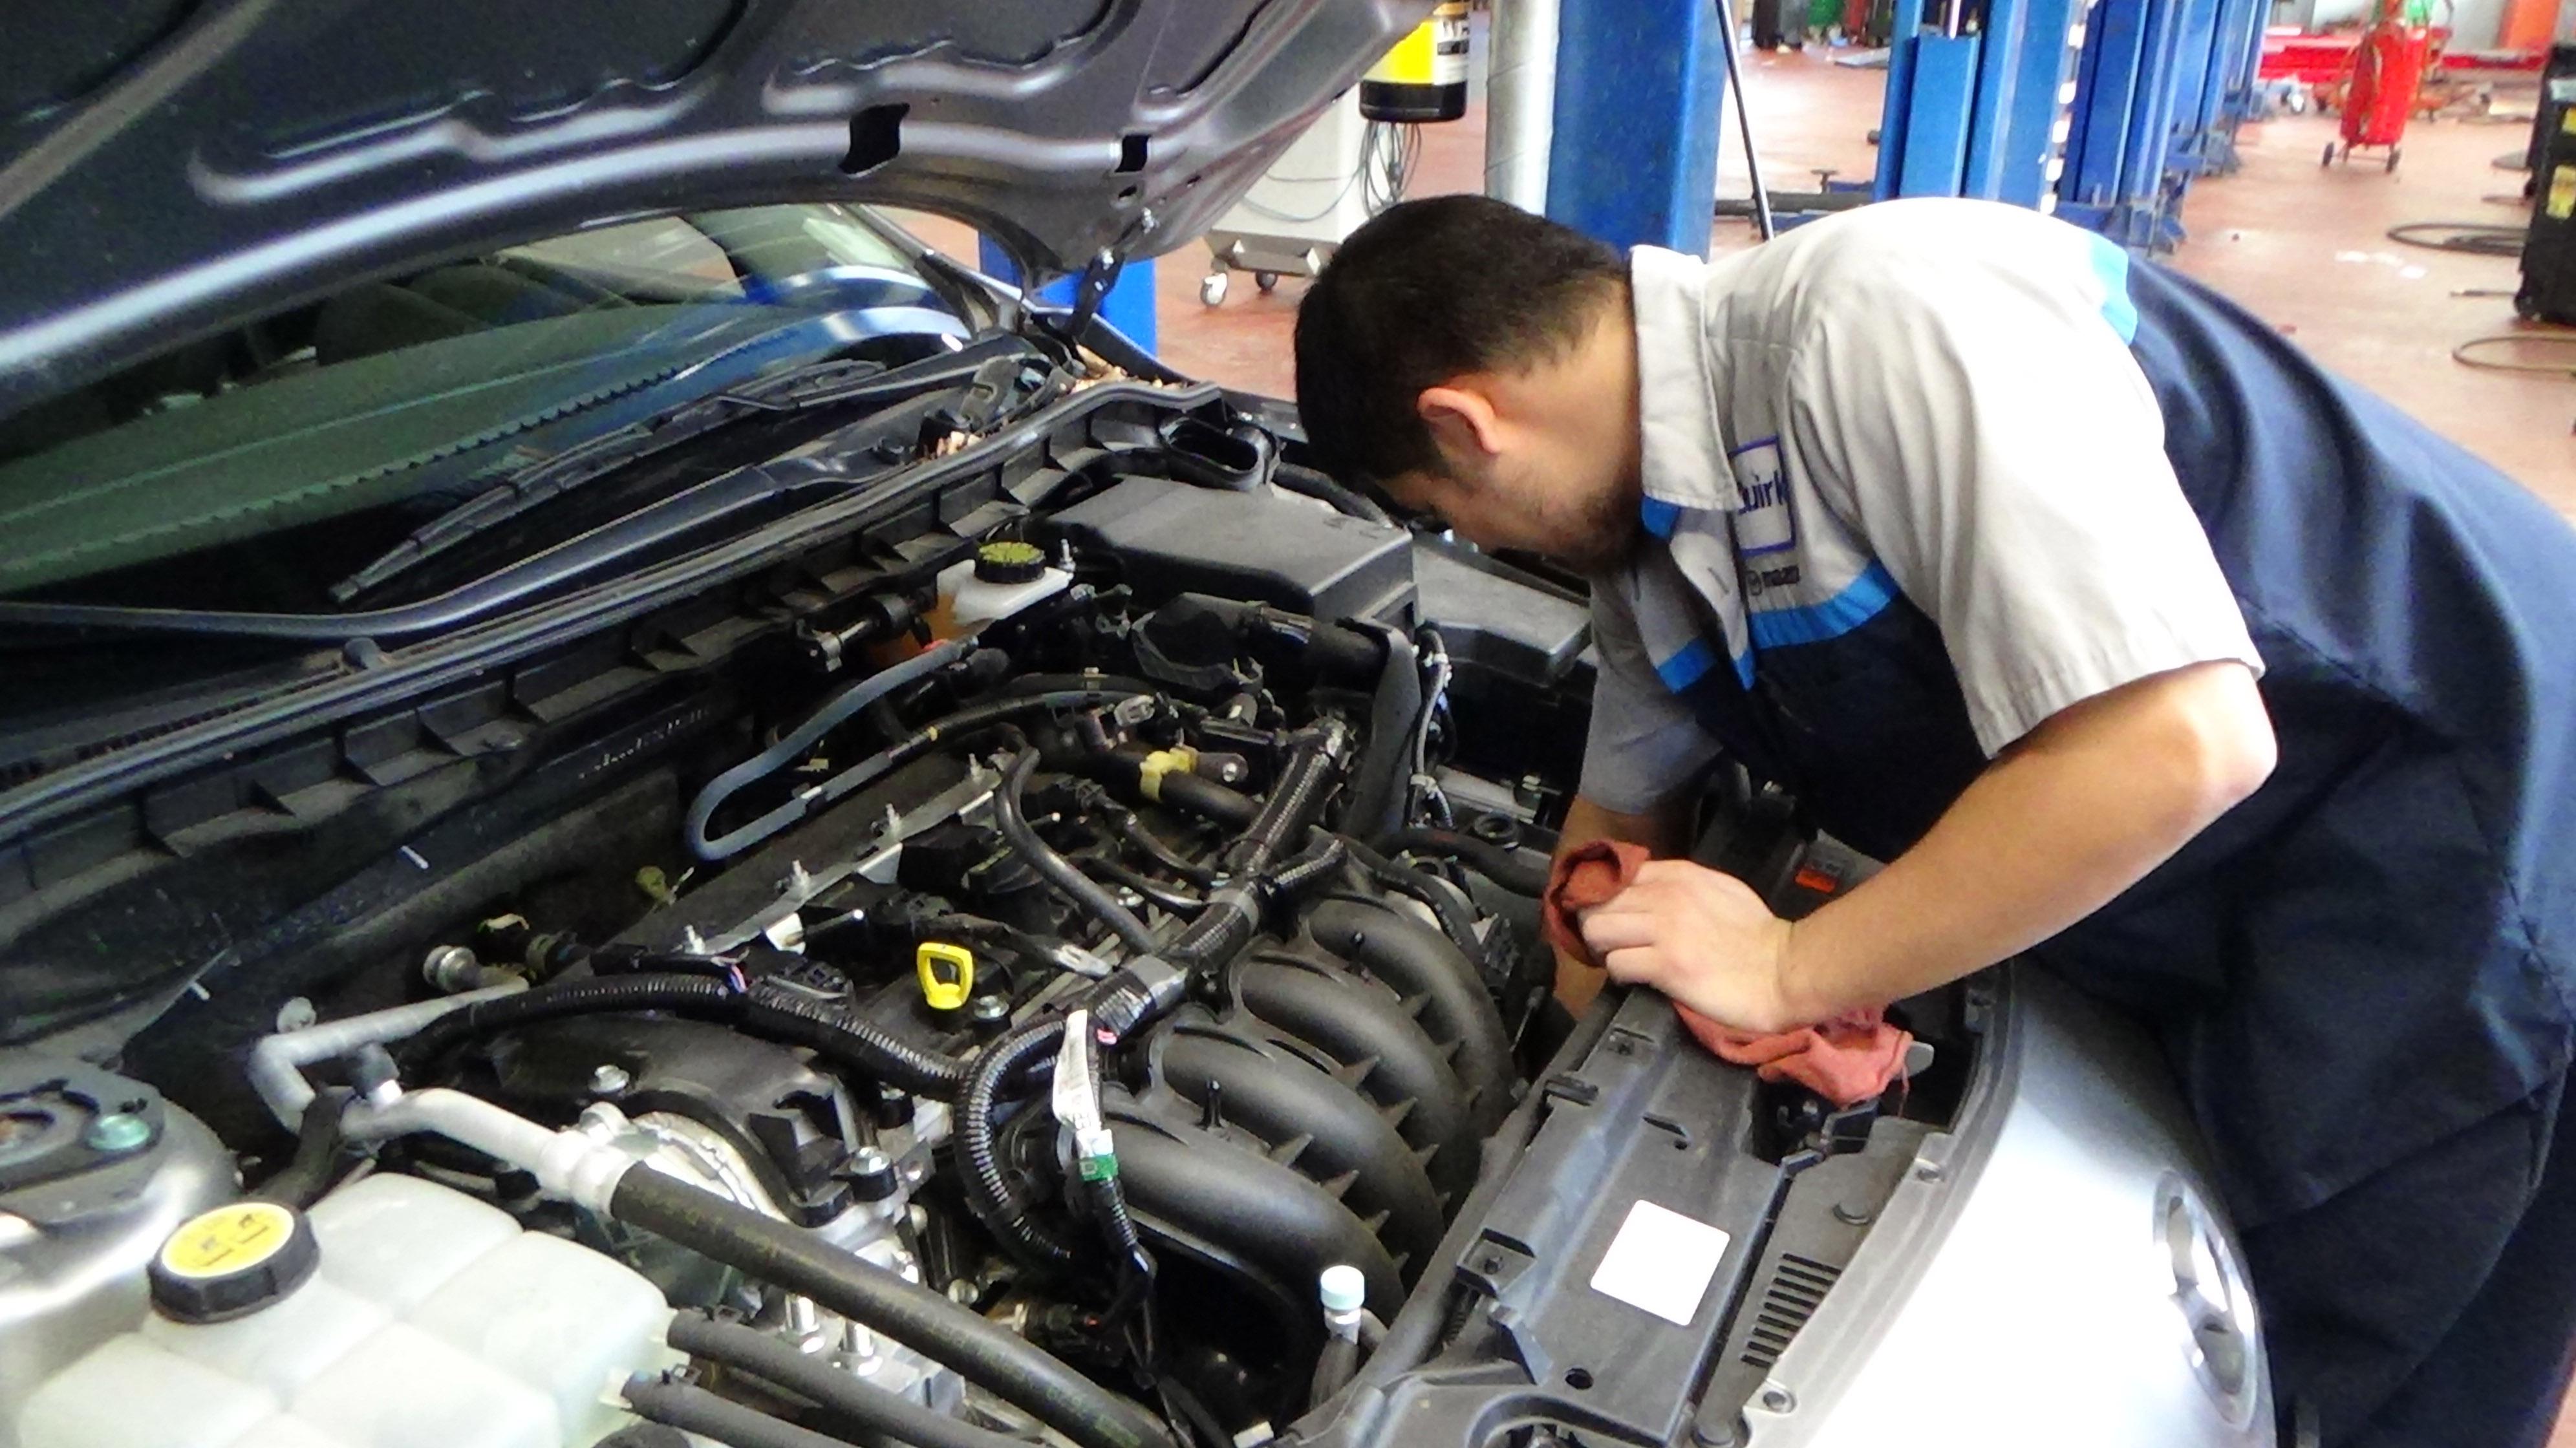 Обслуживание двигателя автомобиля